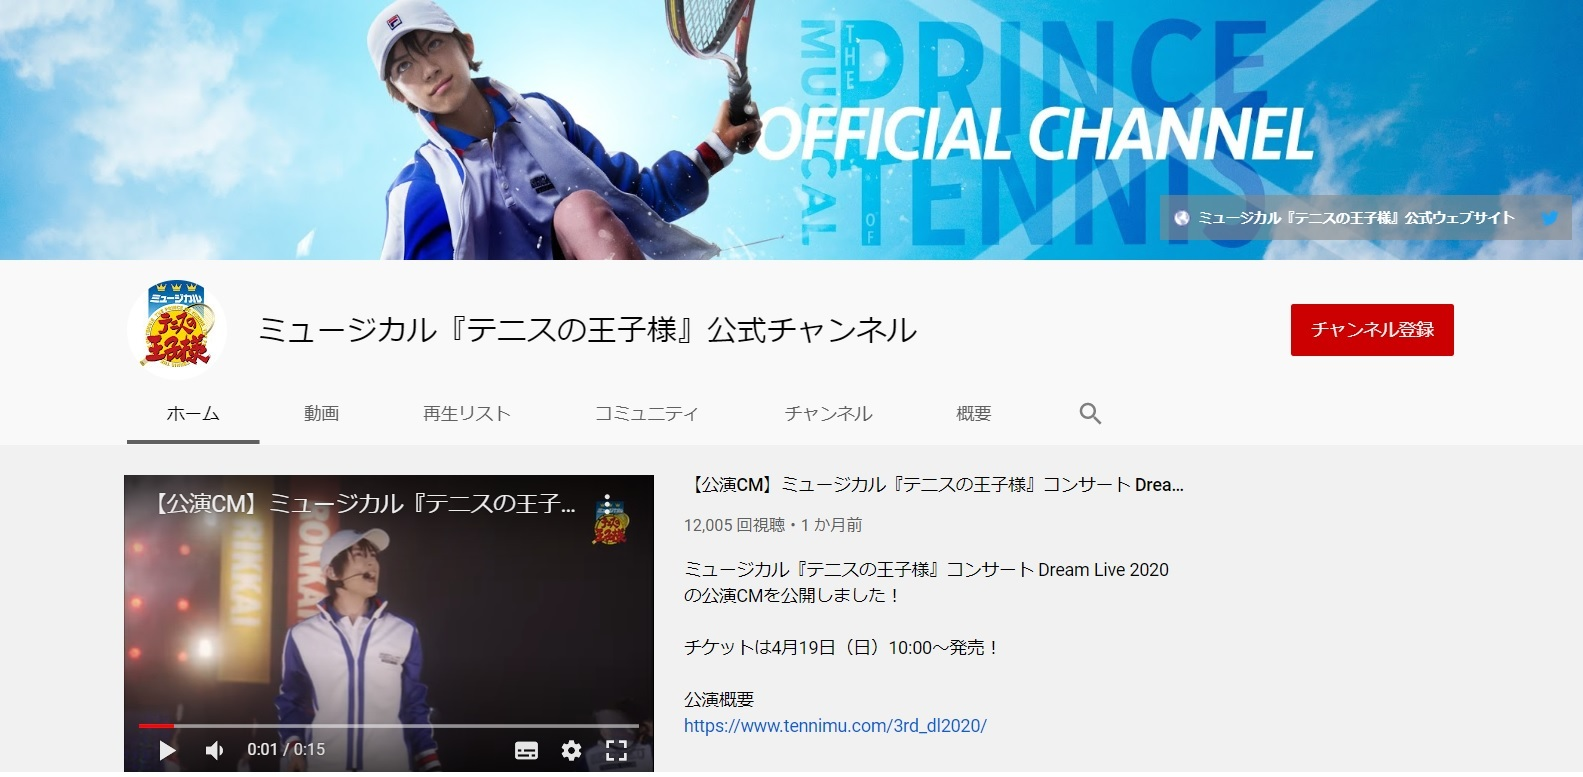 ミュージカル『テニスの王子様』公式チャンネル より